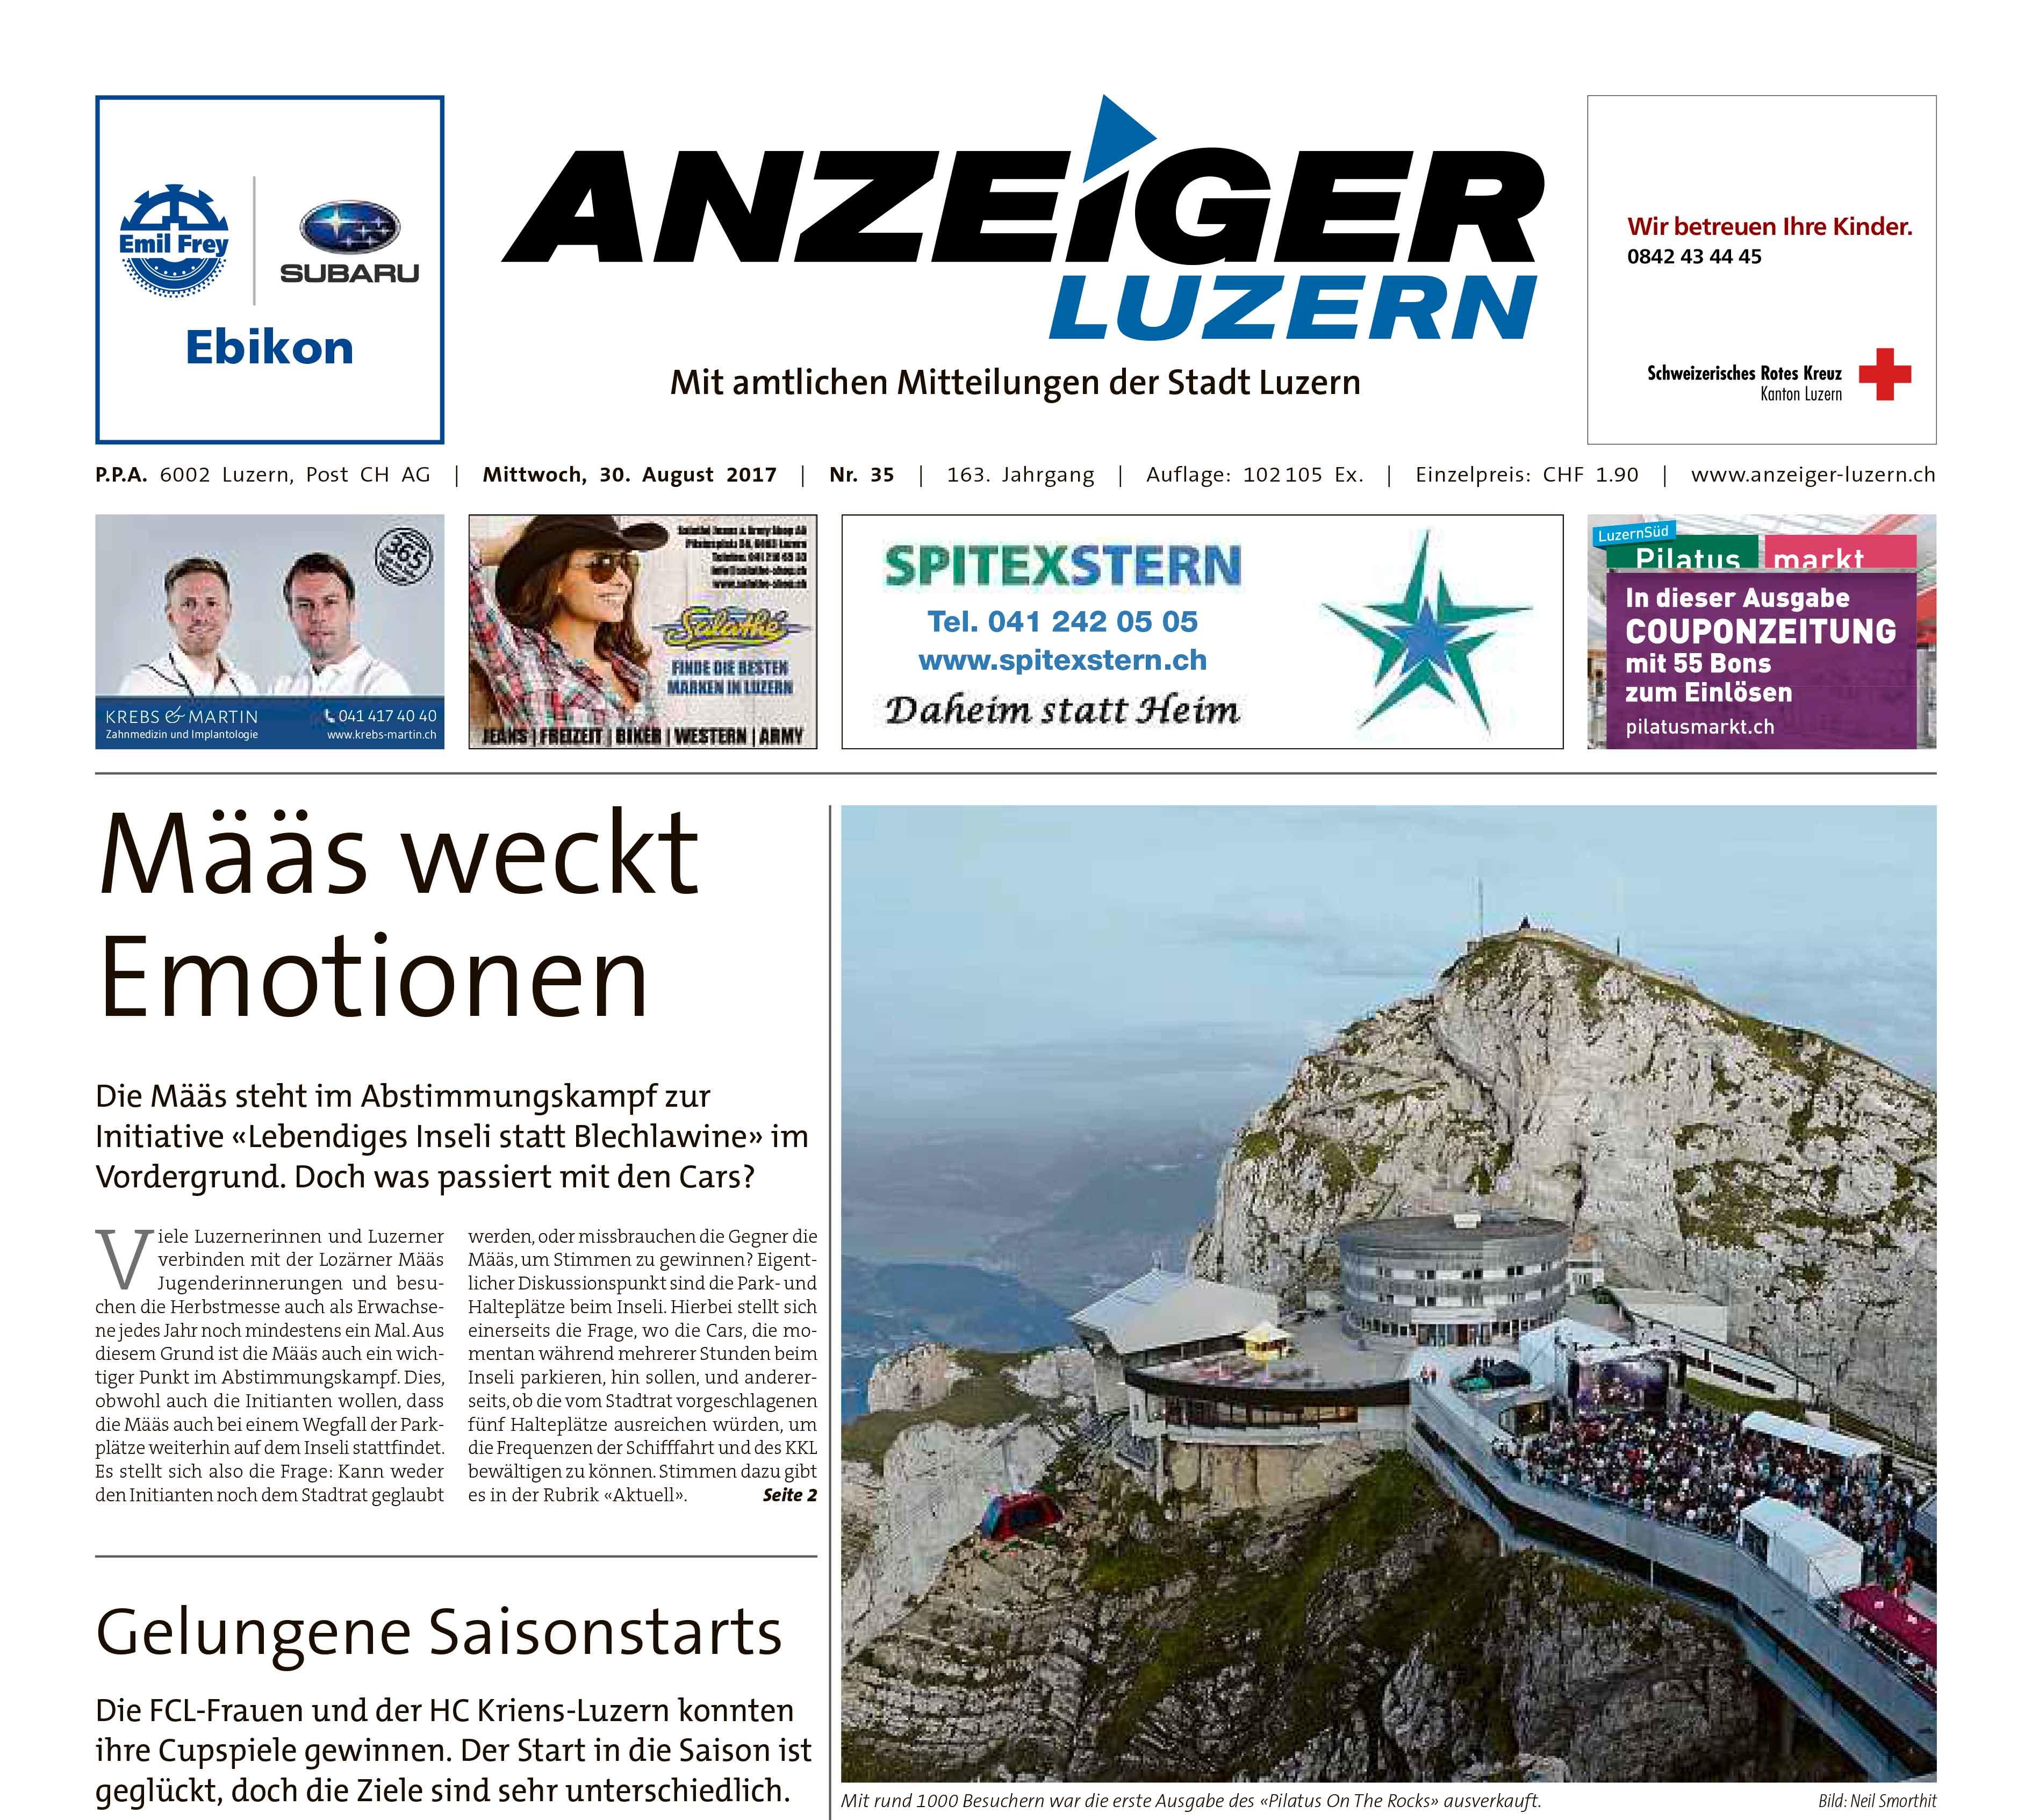 Anzeiger Luzern Inserat